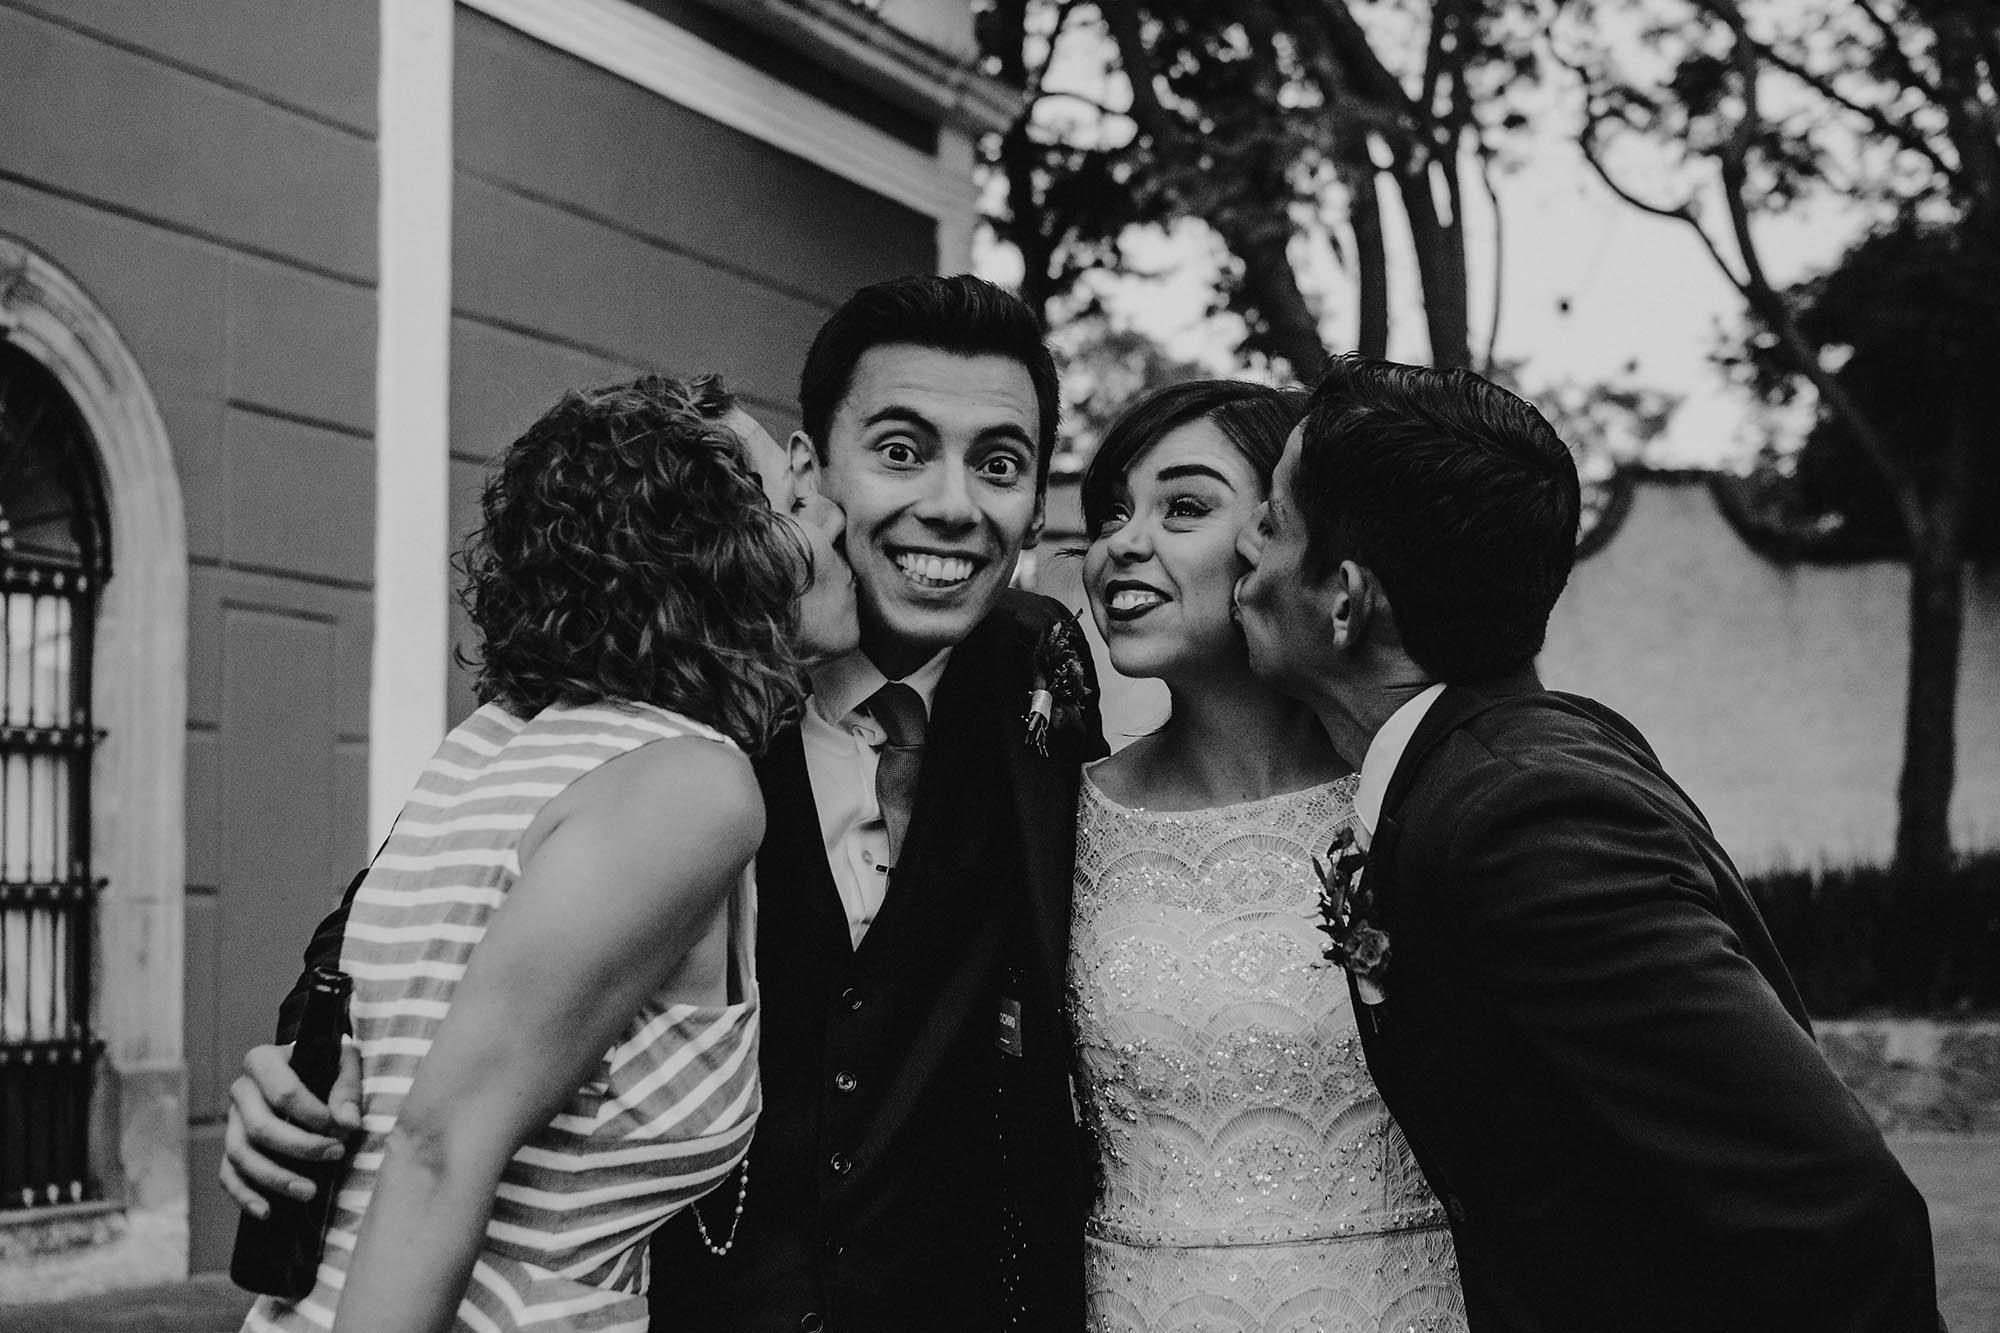 fotografia-de-boda-destino-Jimena-Mañon-Javier-Mere-32.jpg